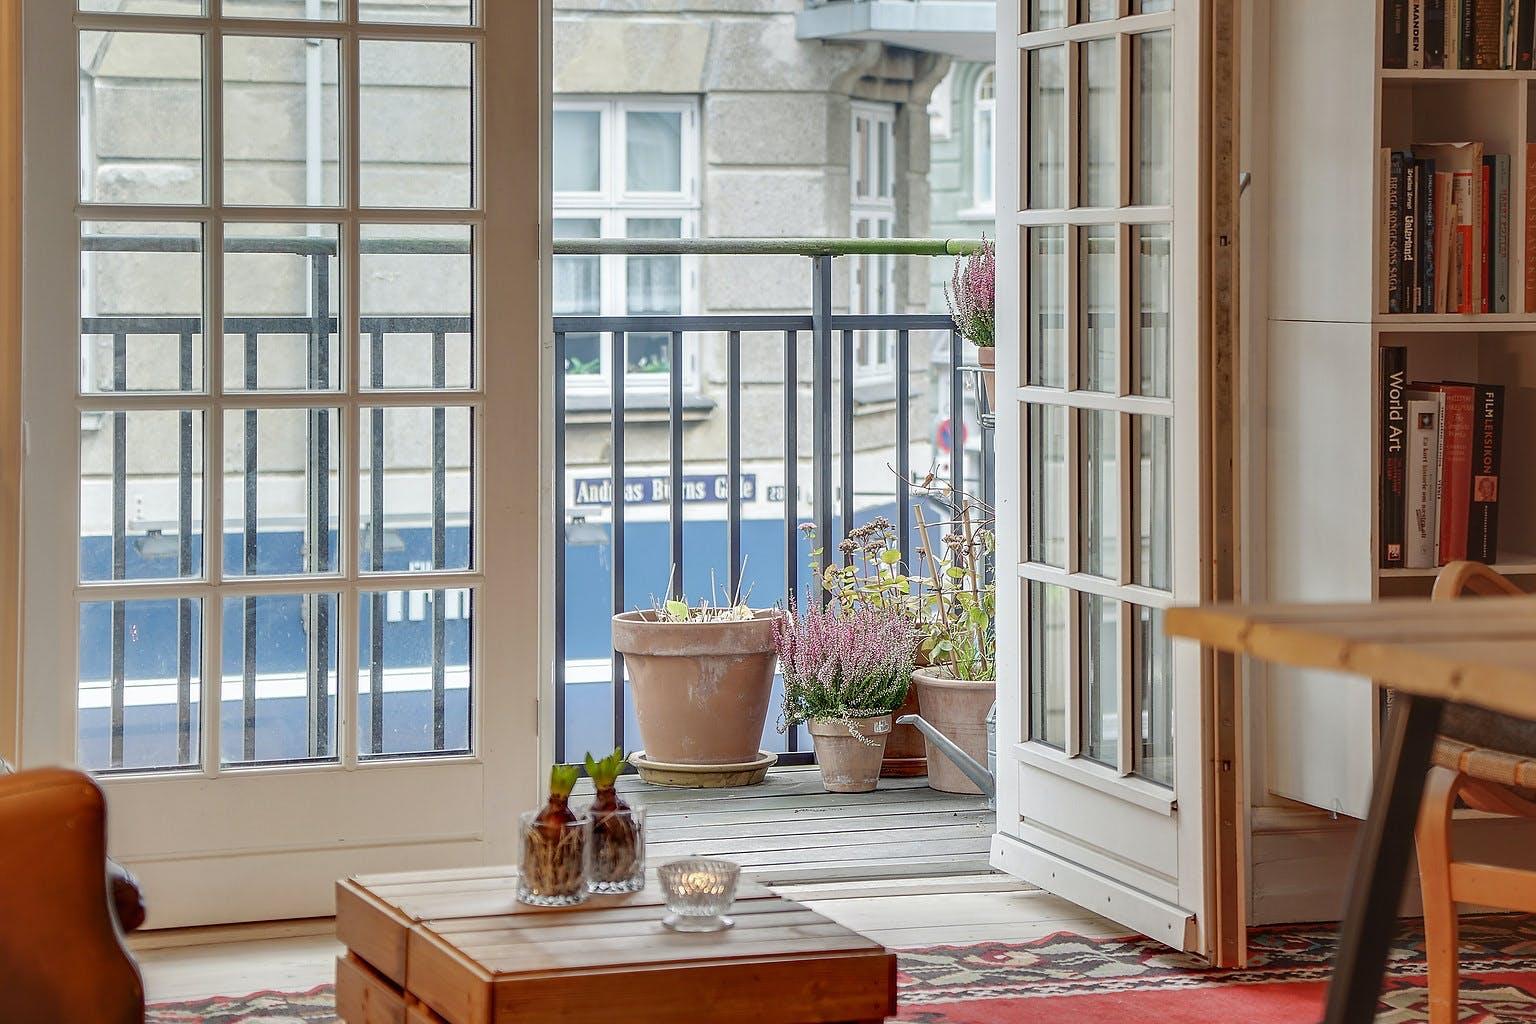 Neel Rønholt stue lejlighed altan